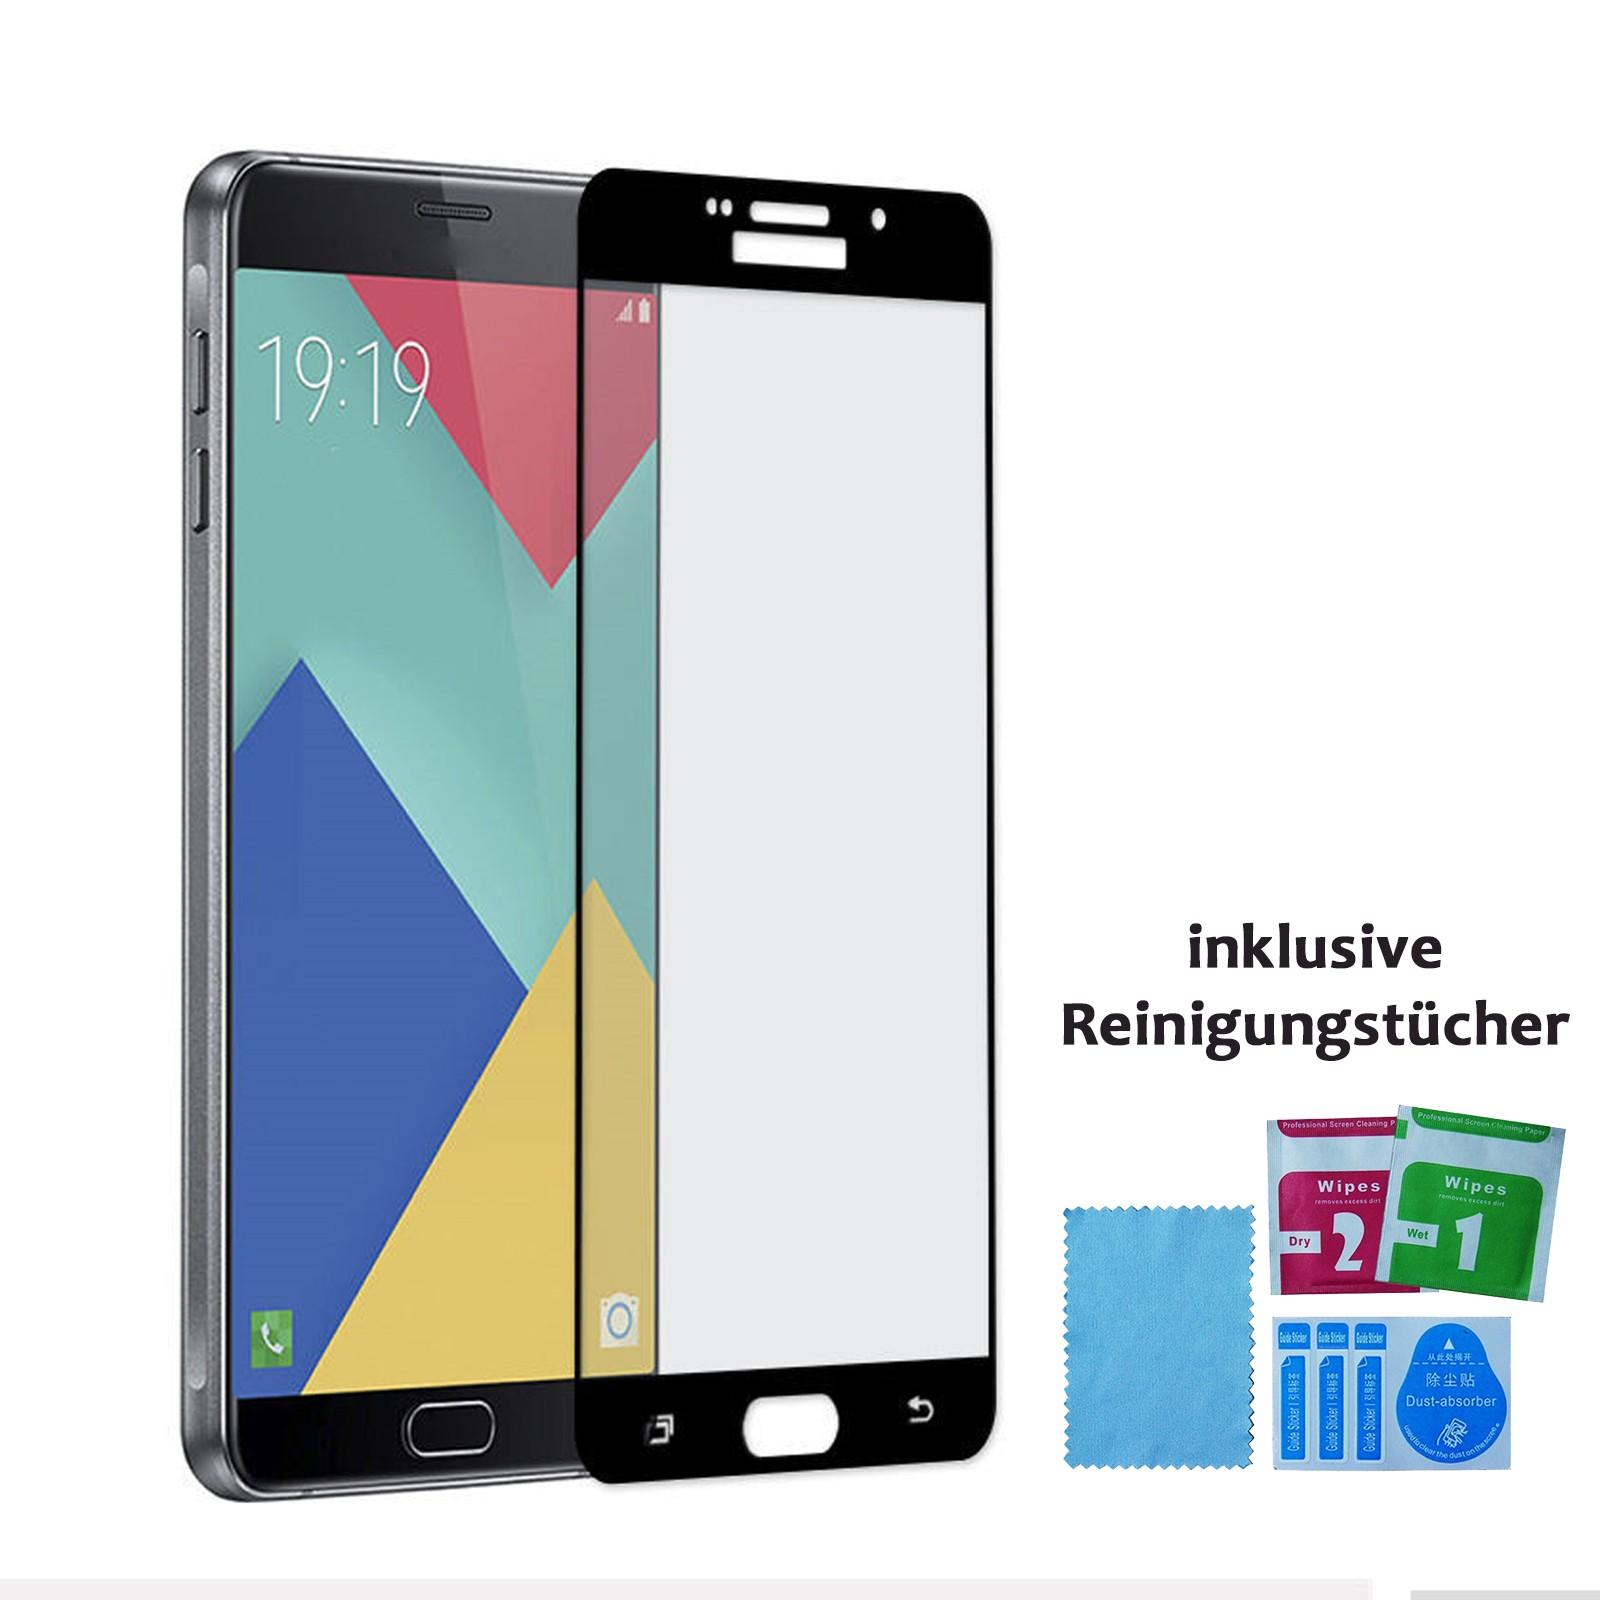 Panzer Schutzfolie 3D für Samsung Galaxy S7 / Display-Schutzglas 9H HQ Premium